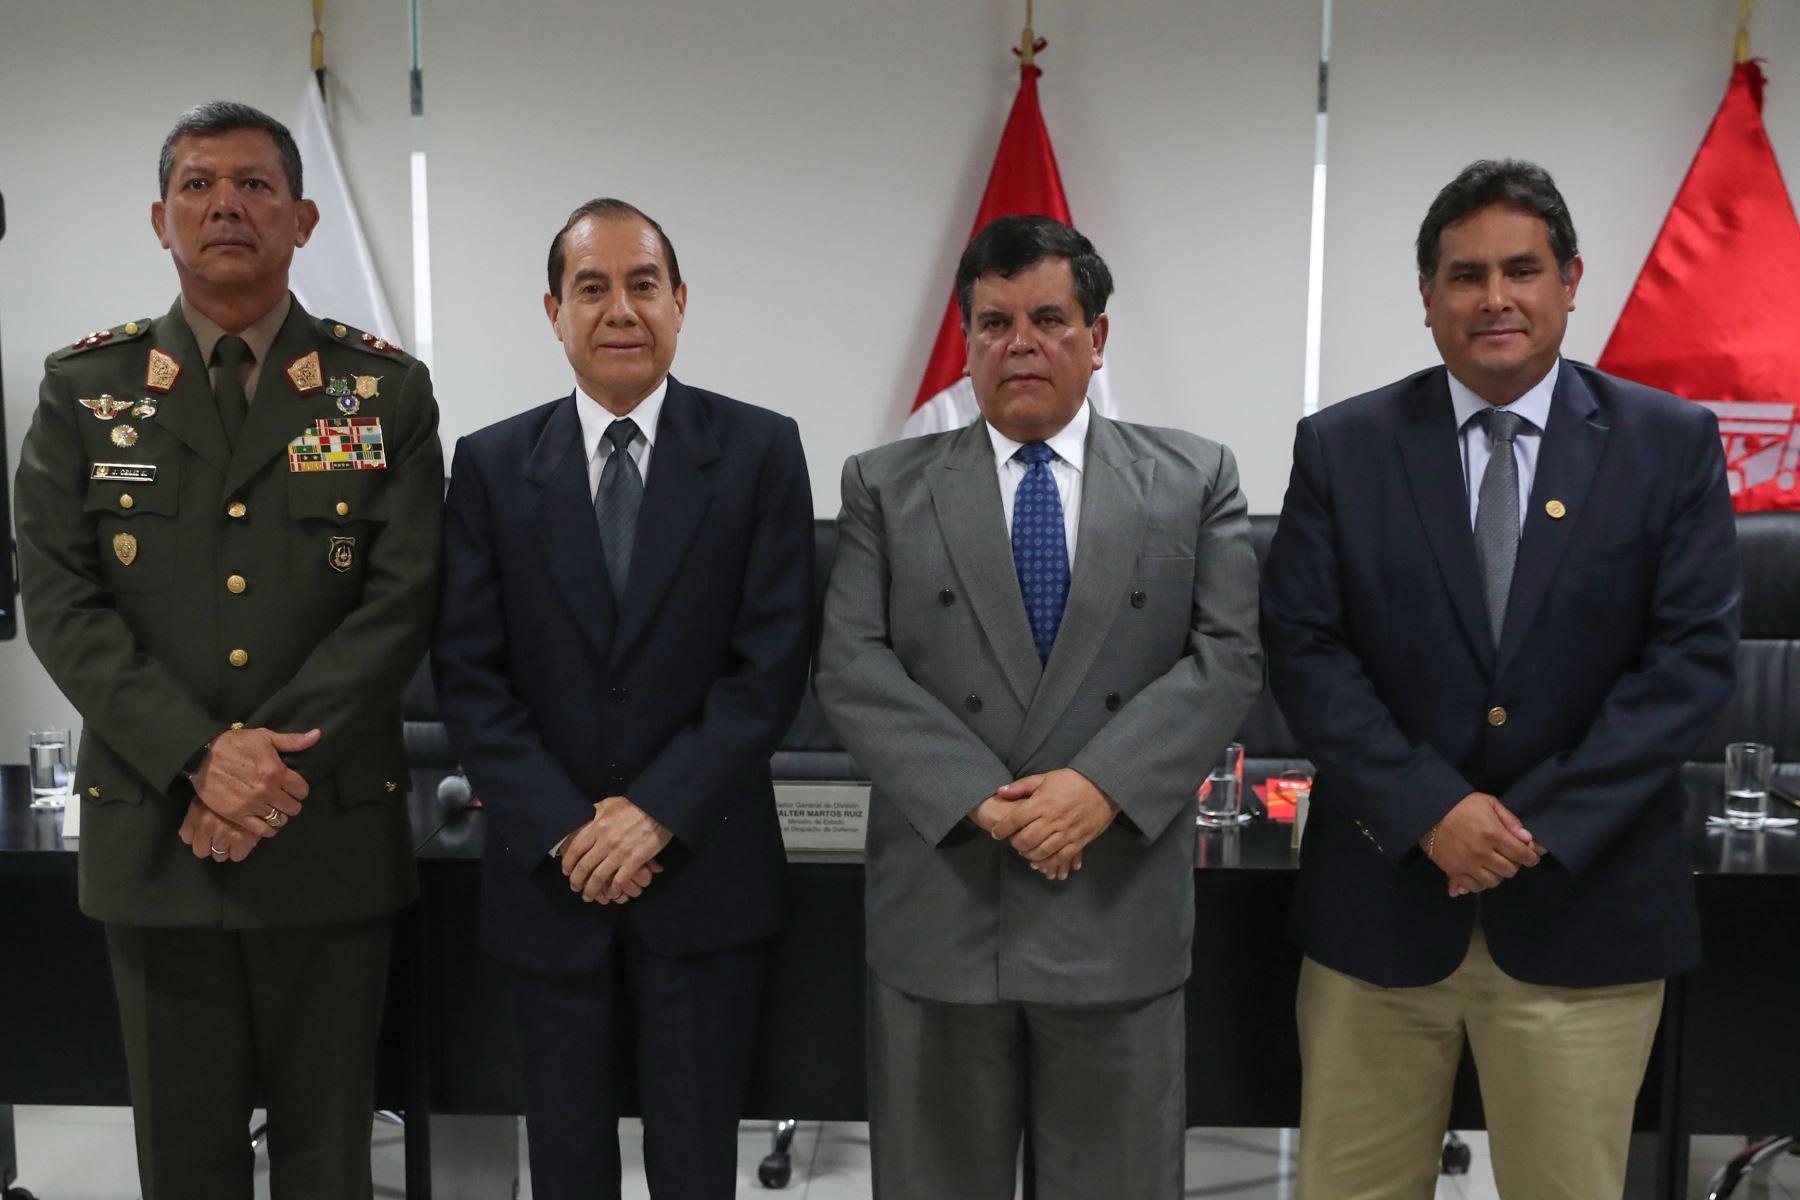 Ejército del Perú y Petroperú firmaron convenio para el abastecimiento estratégico de combustible. Foto: ANDINA/Difusión